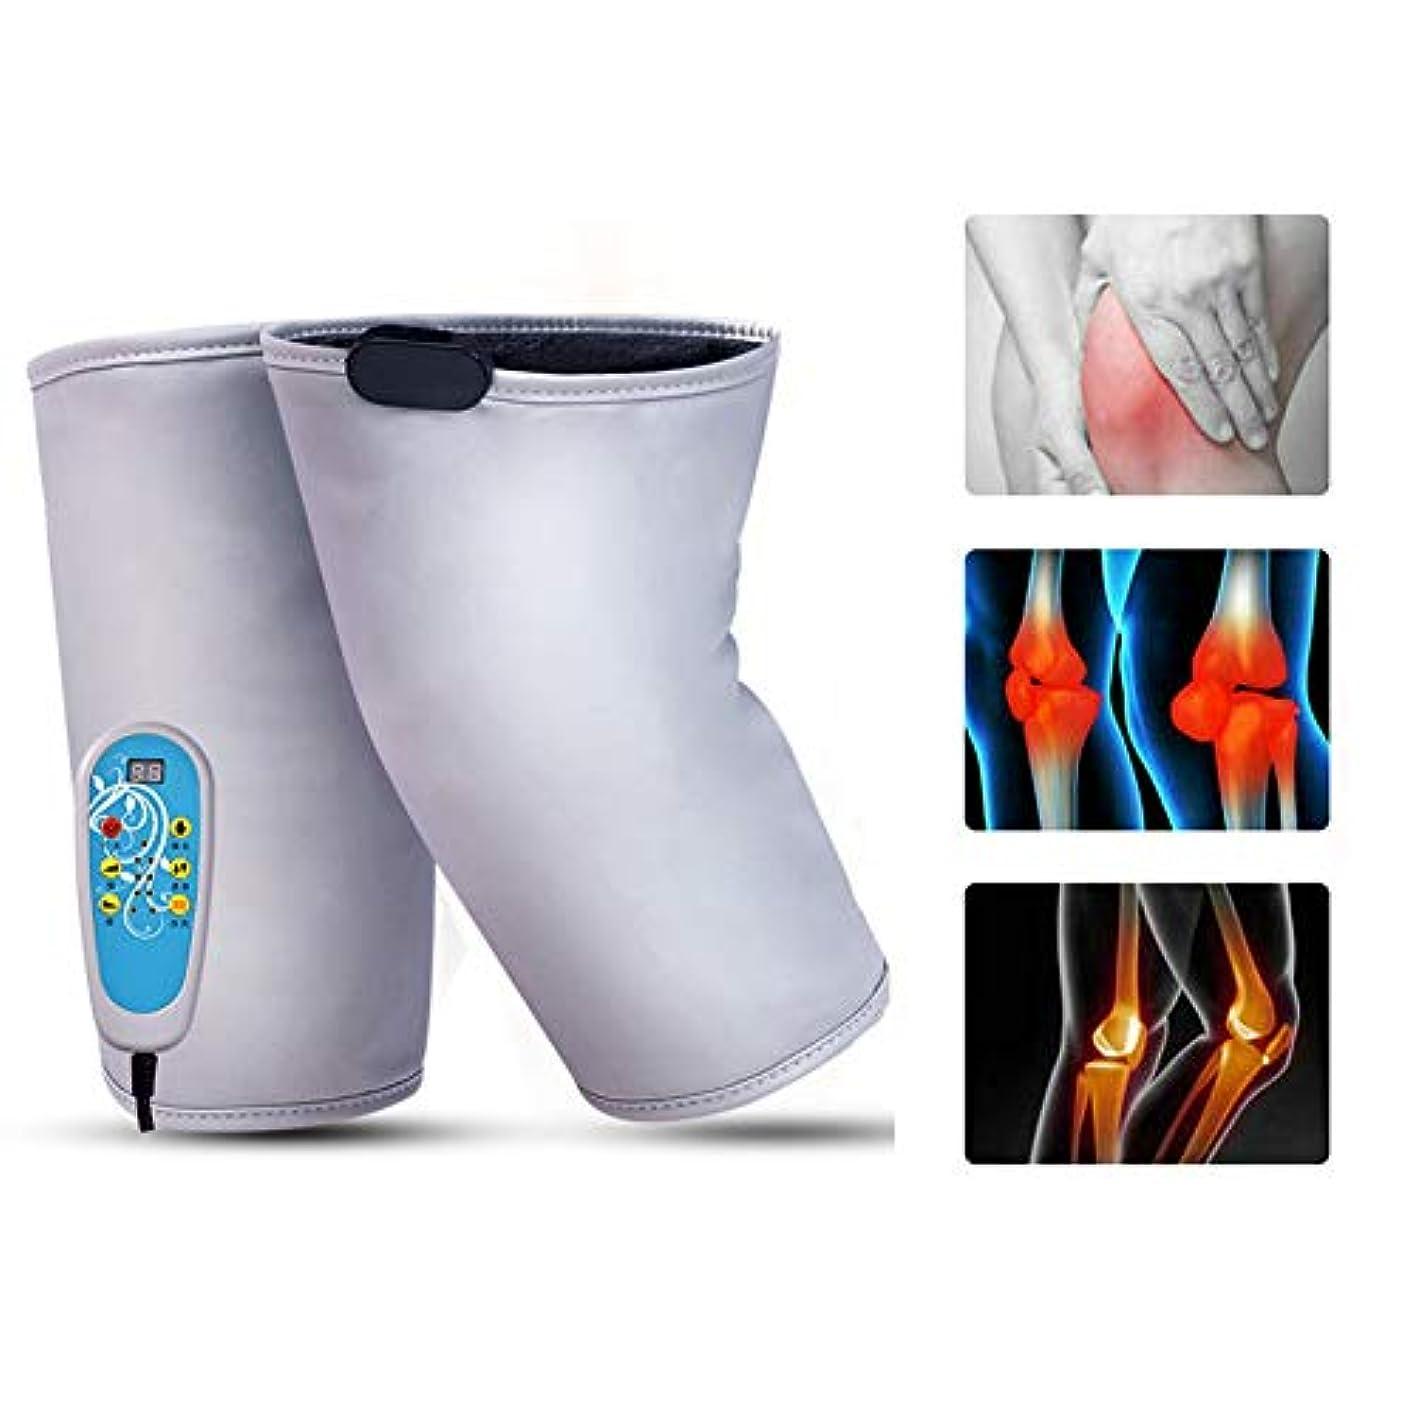 厳一般化する愛情深い暖房膝装具サポート1対加熱膝パッドウォームラップ - 膝のけが、痛みを軽減するための9マッサージモードのセラピーマッサージャー